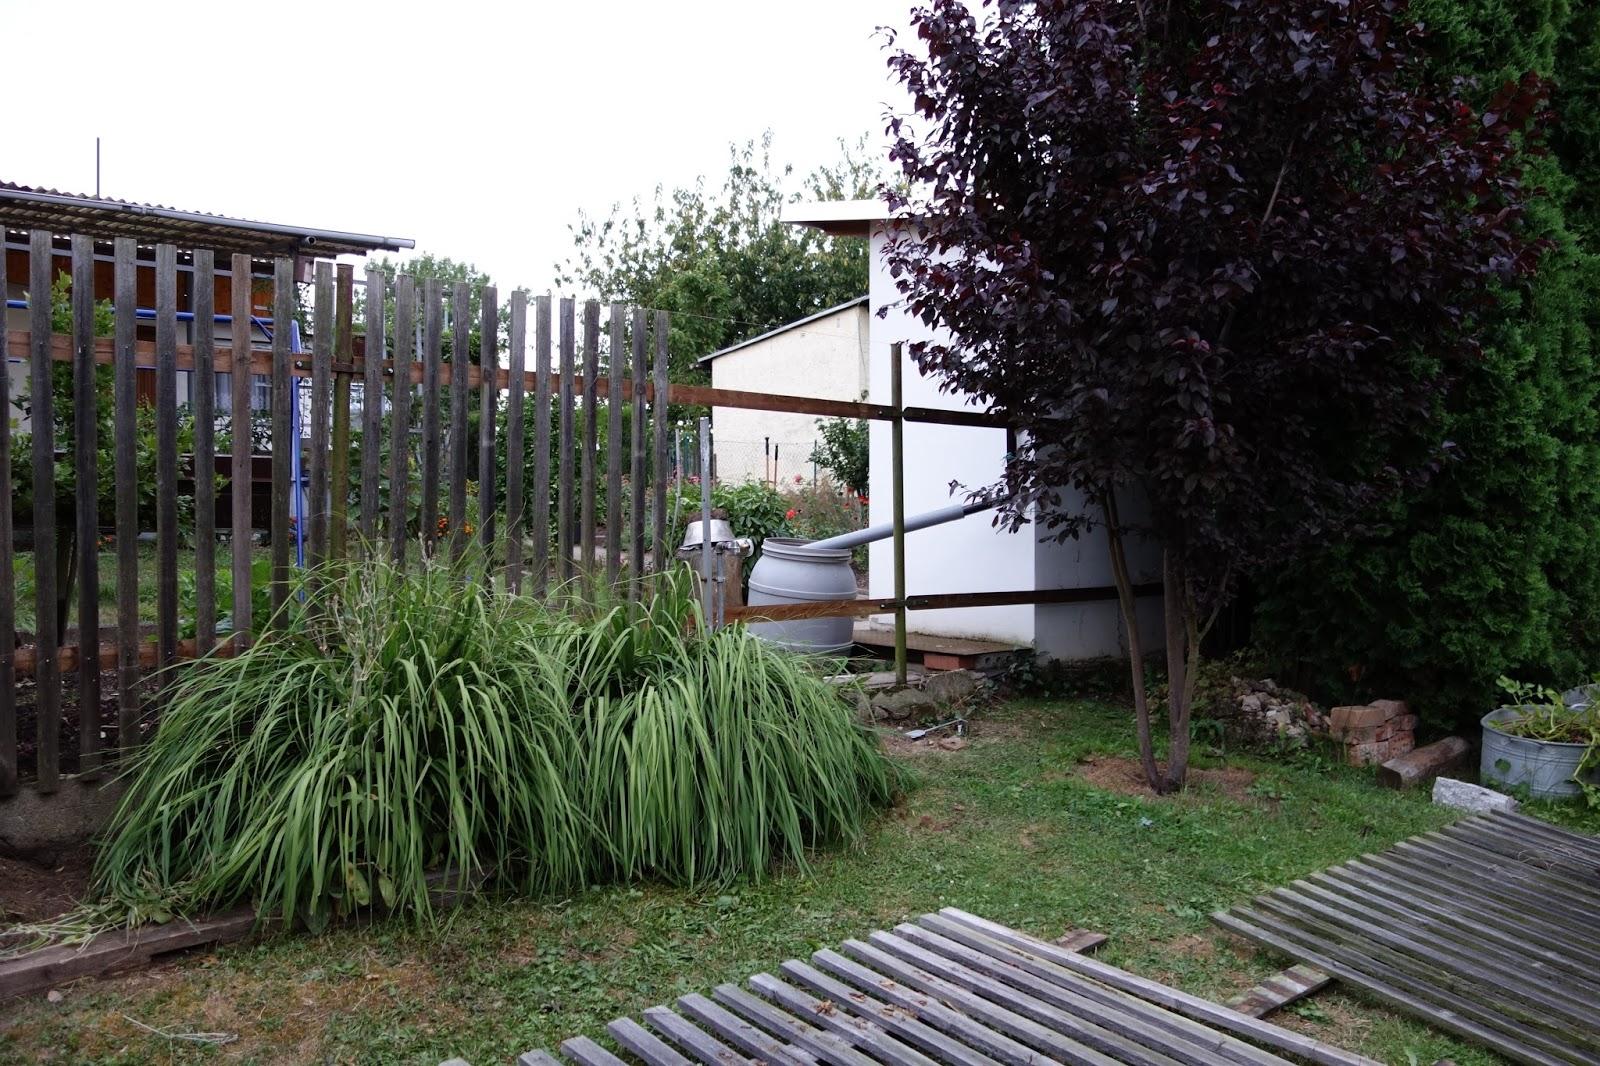 villa hildegard eine drei meter hohe mauer w re auch sch n. Black Bedroom Furniture Sets. Home Design Ideas